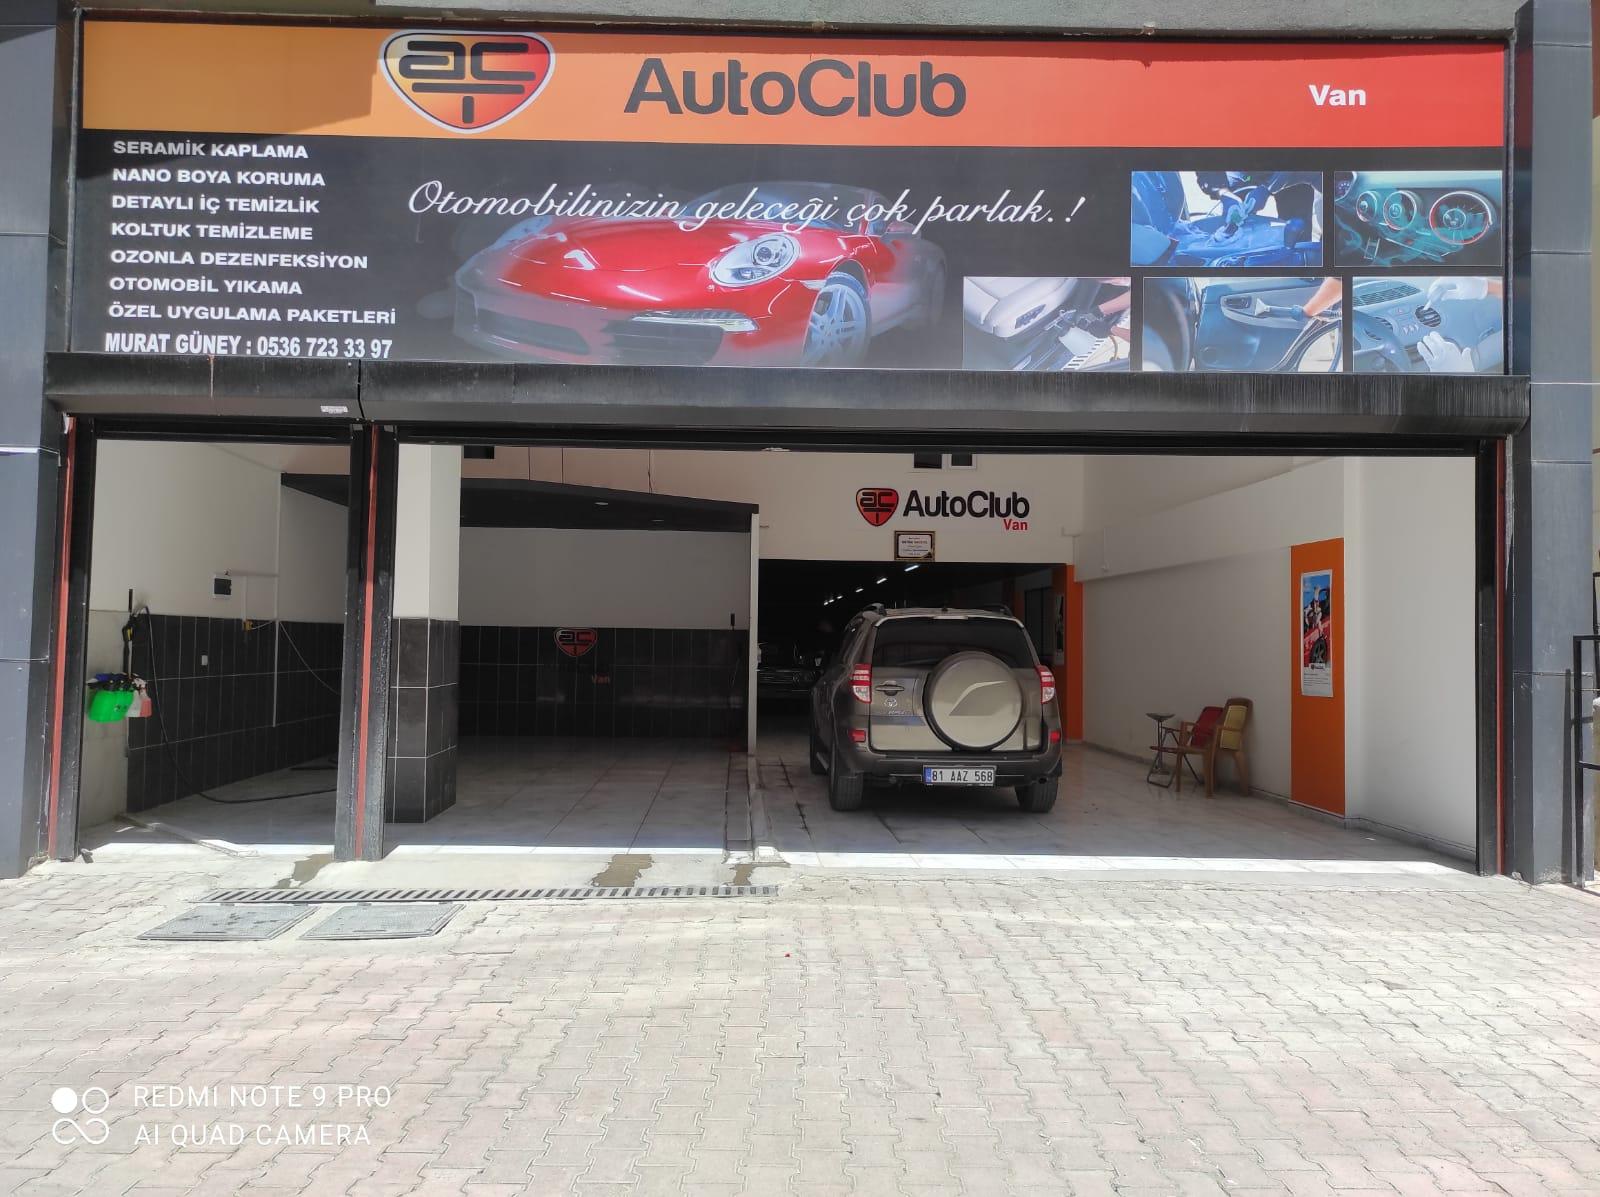 AutoClub Van